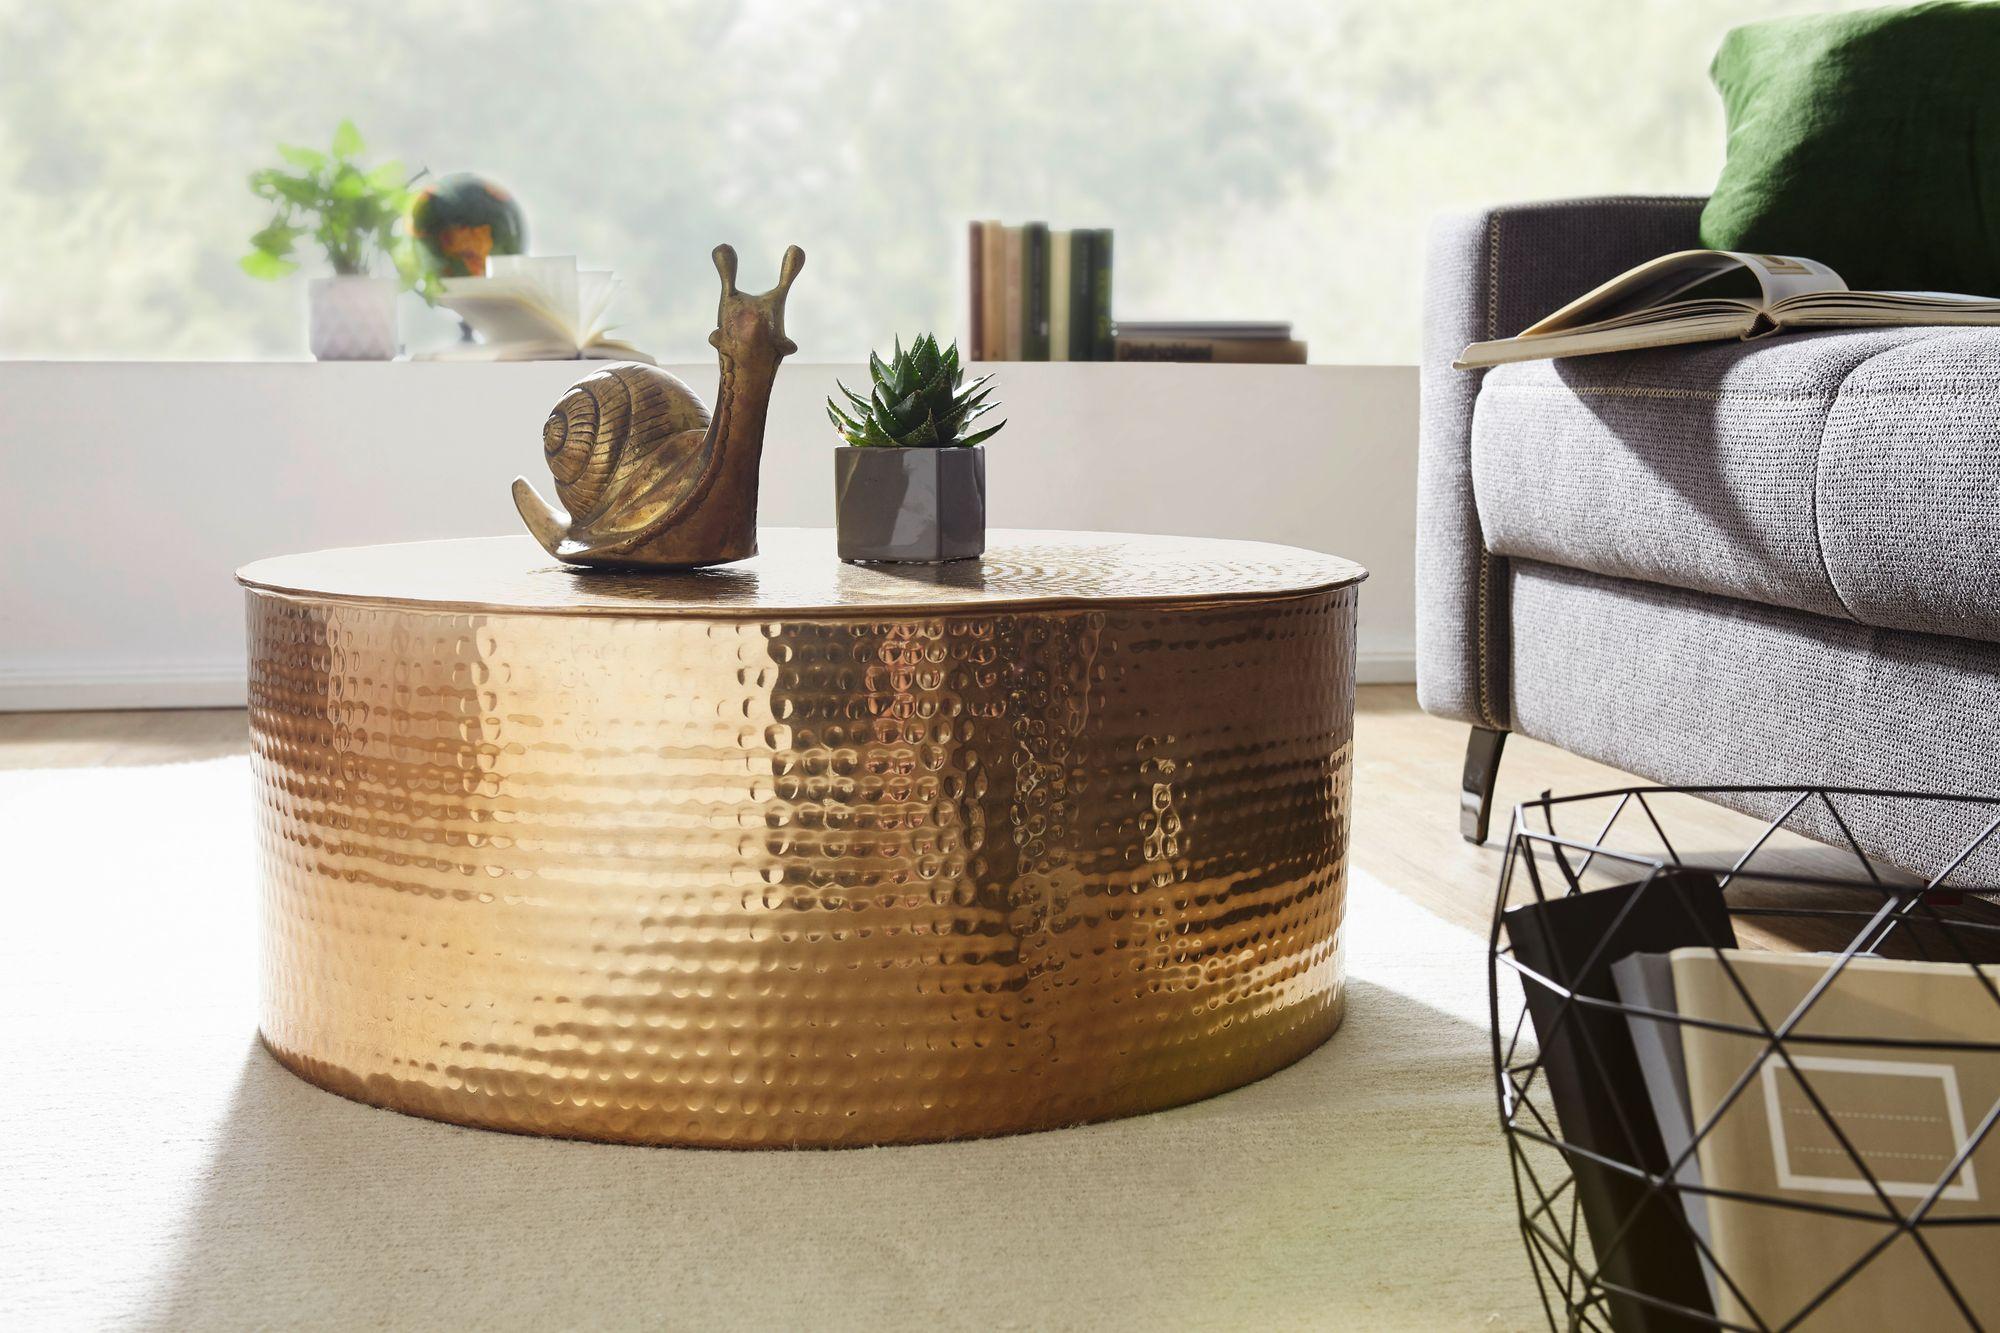 weran couchtisch rahi 75x31x75 cm aluminium beistelltisch. Black Bedroom Furniture Sets. Home Design Ideas